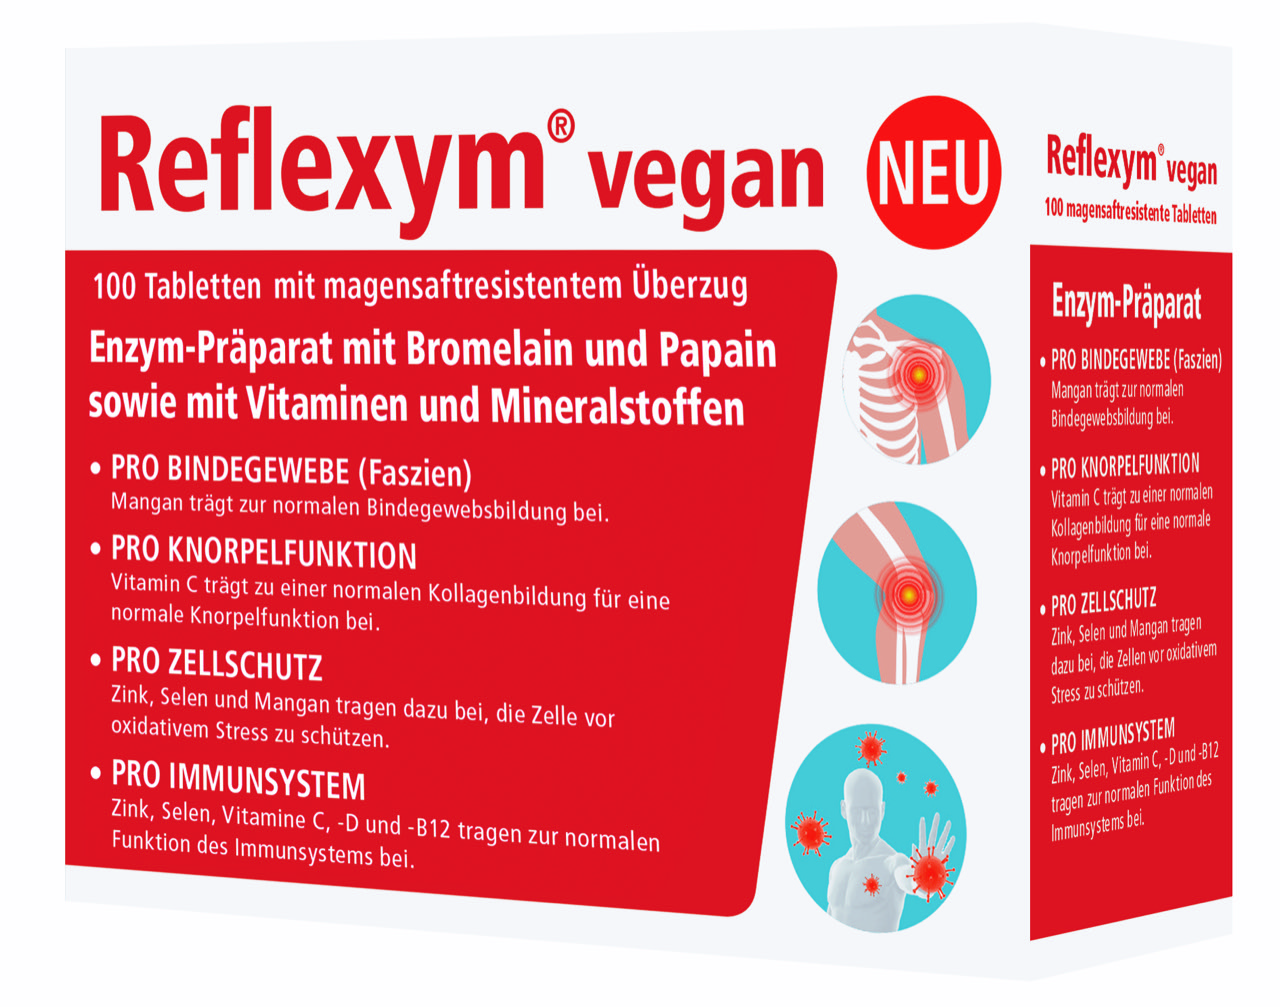 Neu: Veganes Enzym-Präparat in Apotheker-Qualität